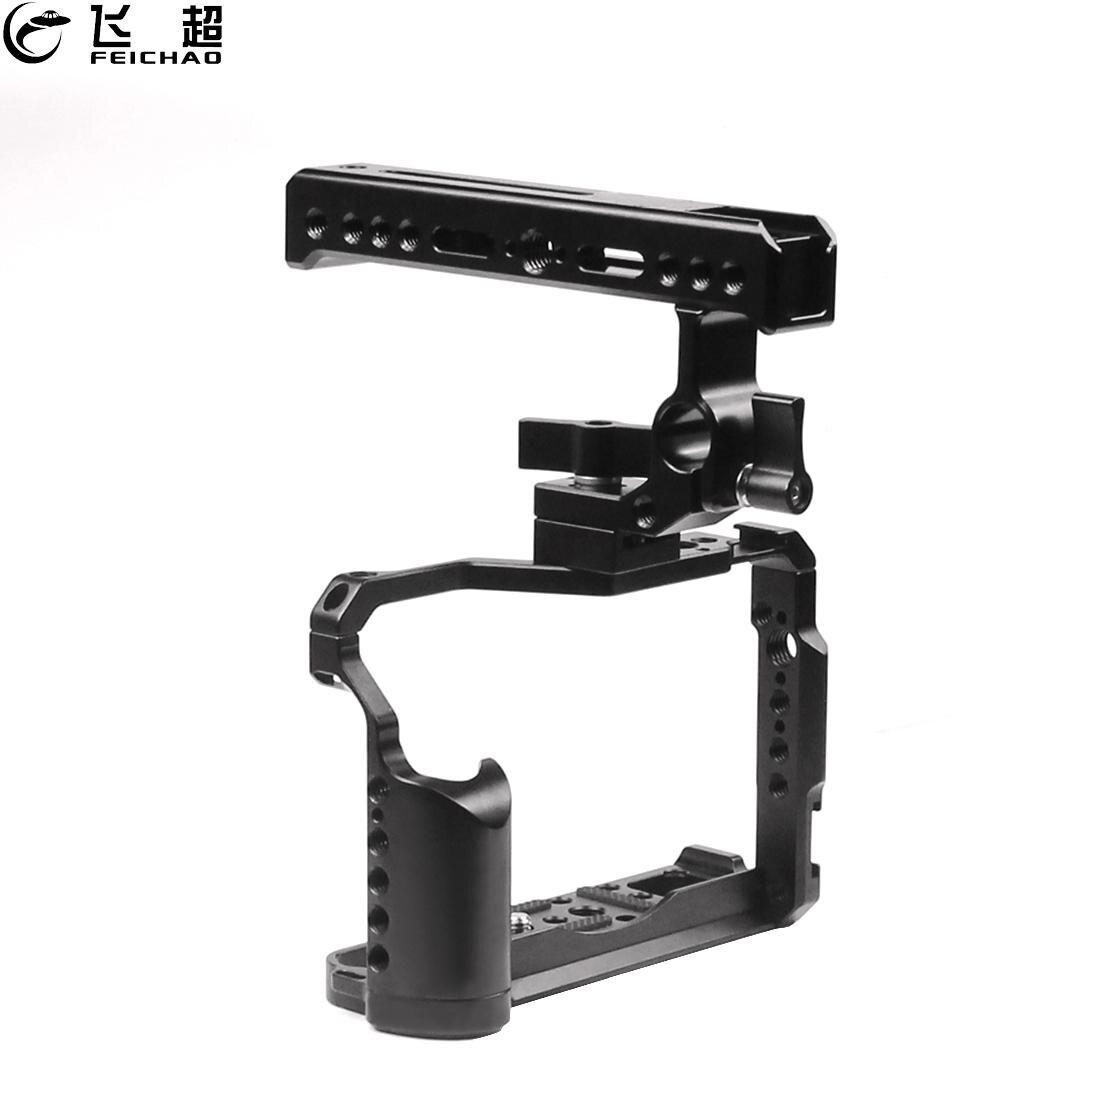 XT20 XT30 هيكل قفصي الشكل للكاميرا تلاعب 1/4 3/8 الإطار واقية مقبض علوي قبضة 15 مللي متر السكك الحديدية الحذاء الساخن جبل ل Fujifilm XT-20 استقرار XT-30